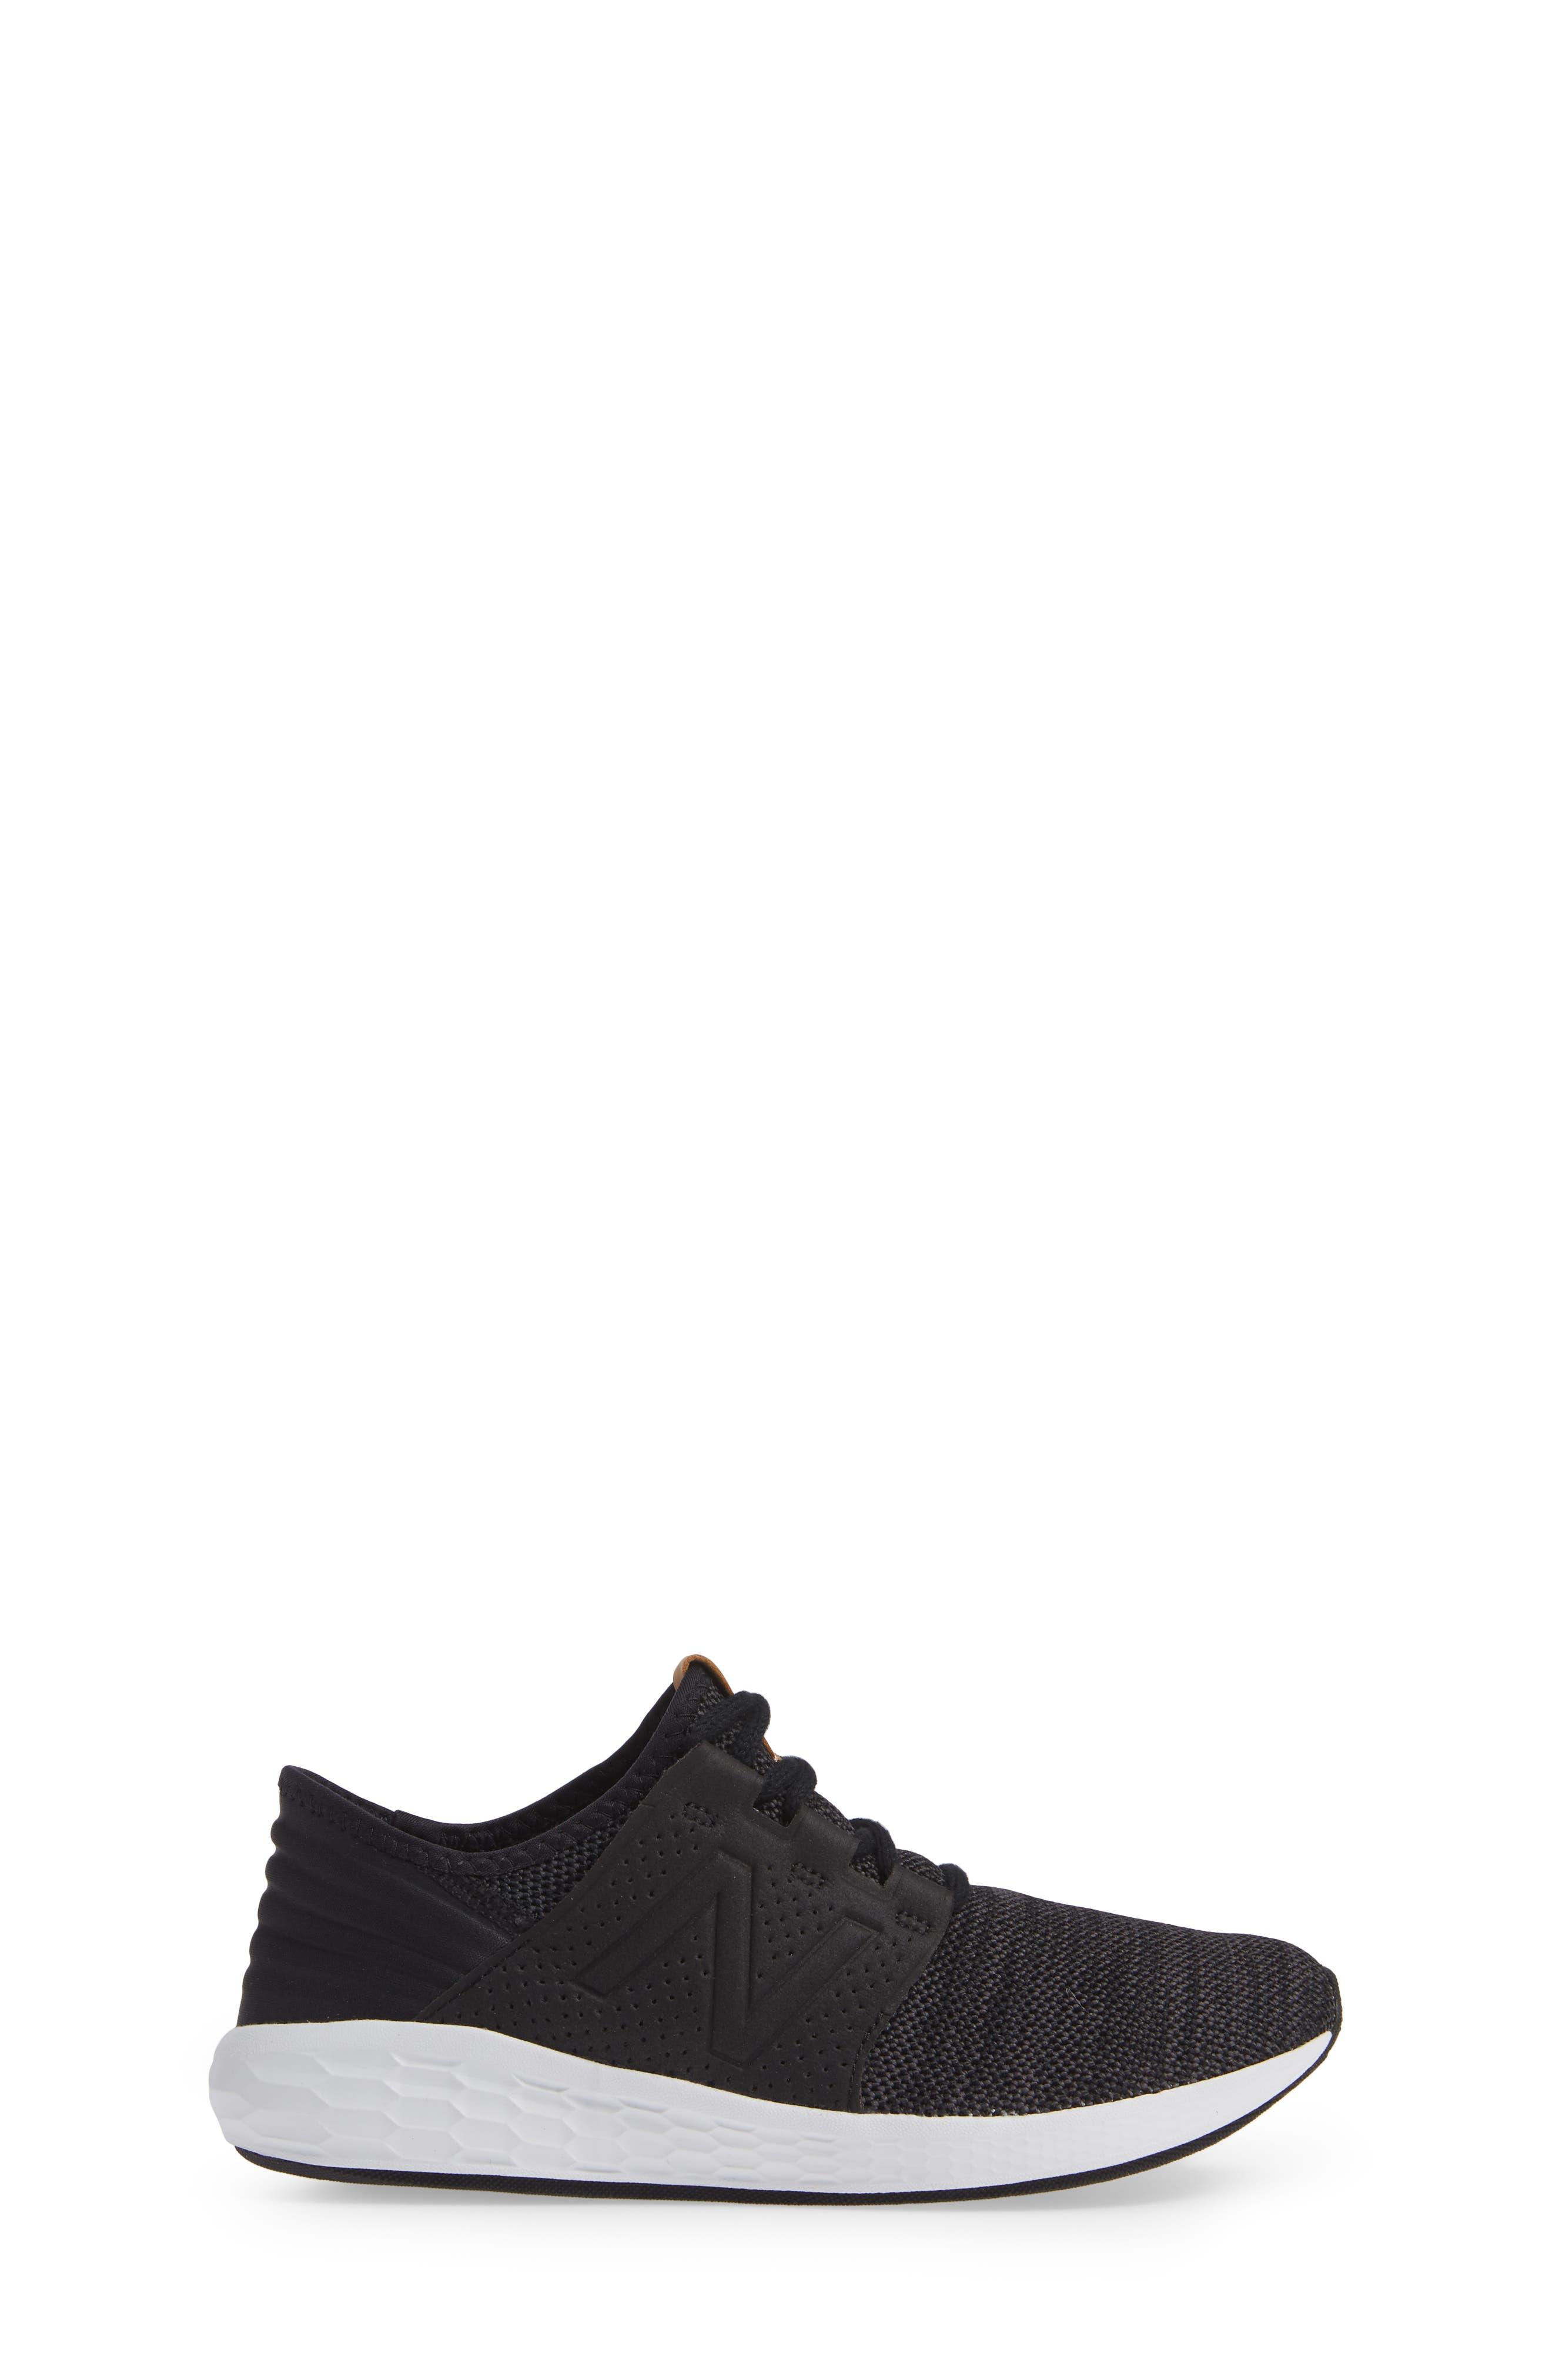 Cruz V2 Sport Sneaker,                             Alternate thumbnail 3, color,                             BLACK/ MAGNET